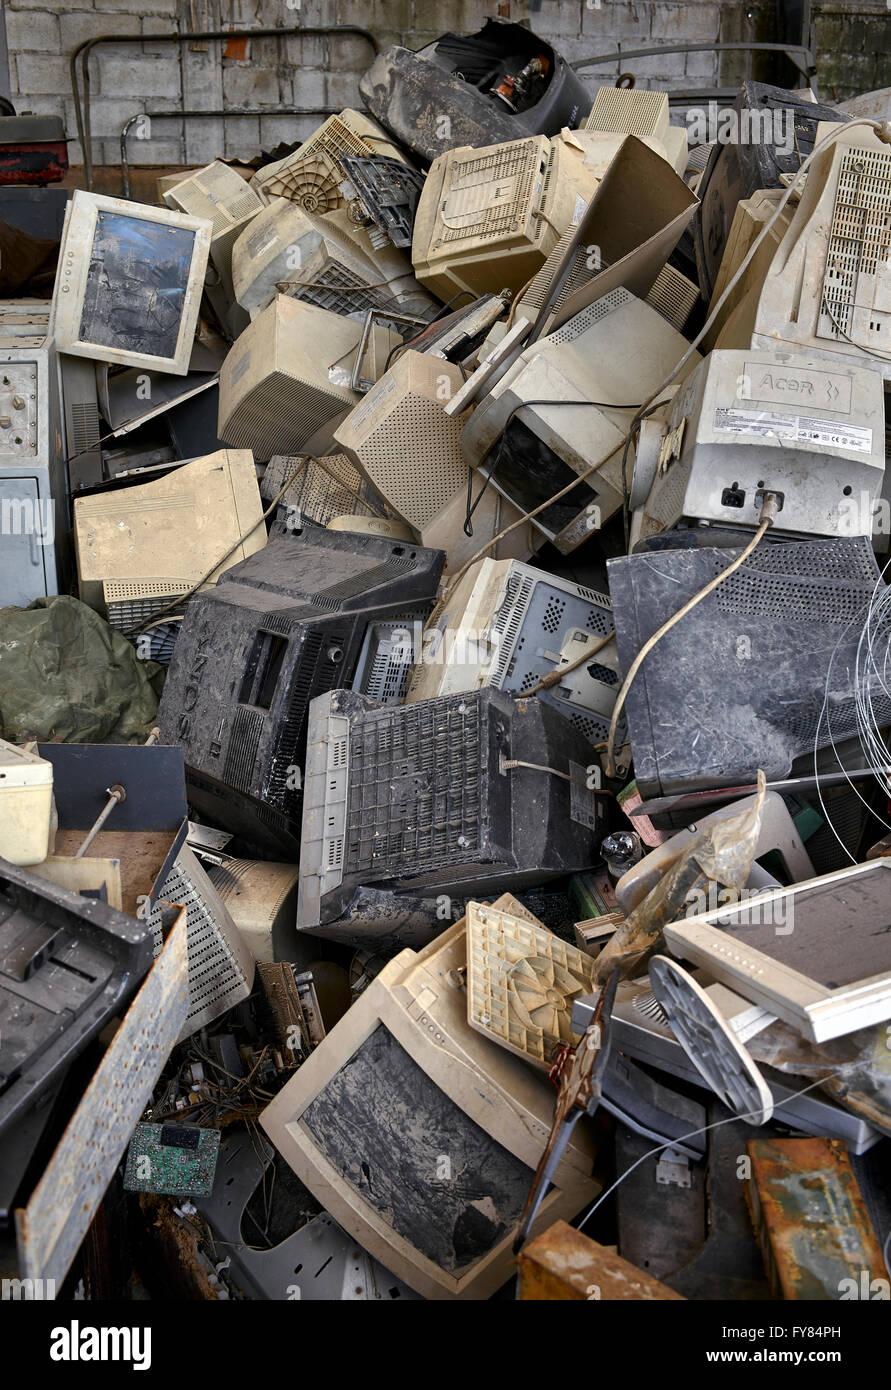 obsolete-computers-scrap-pile-FY84PH.jpg